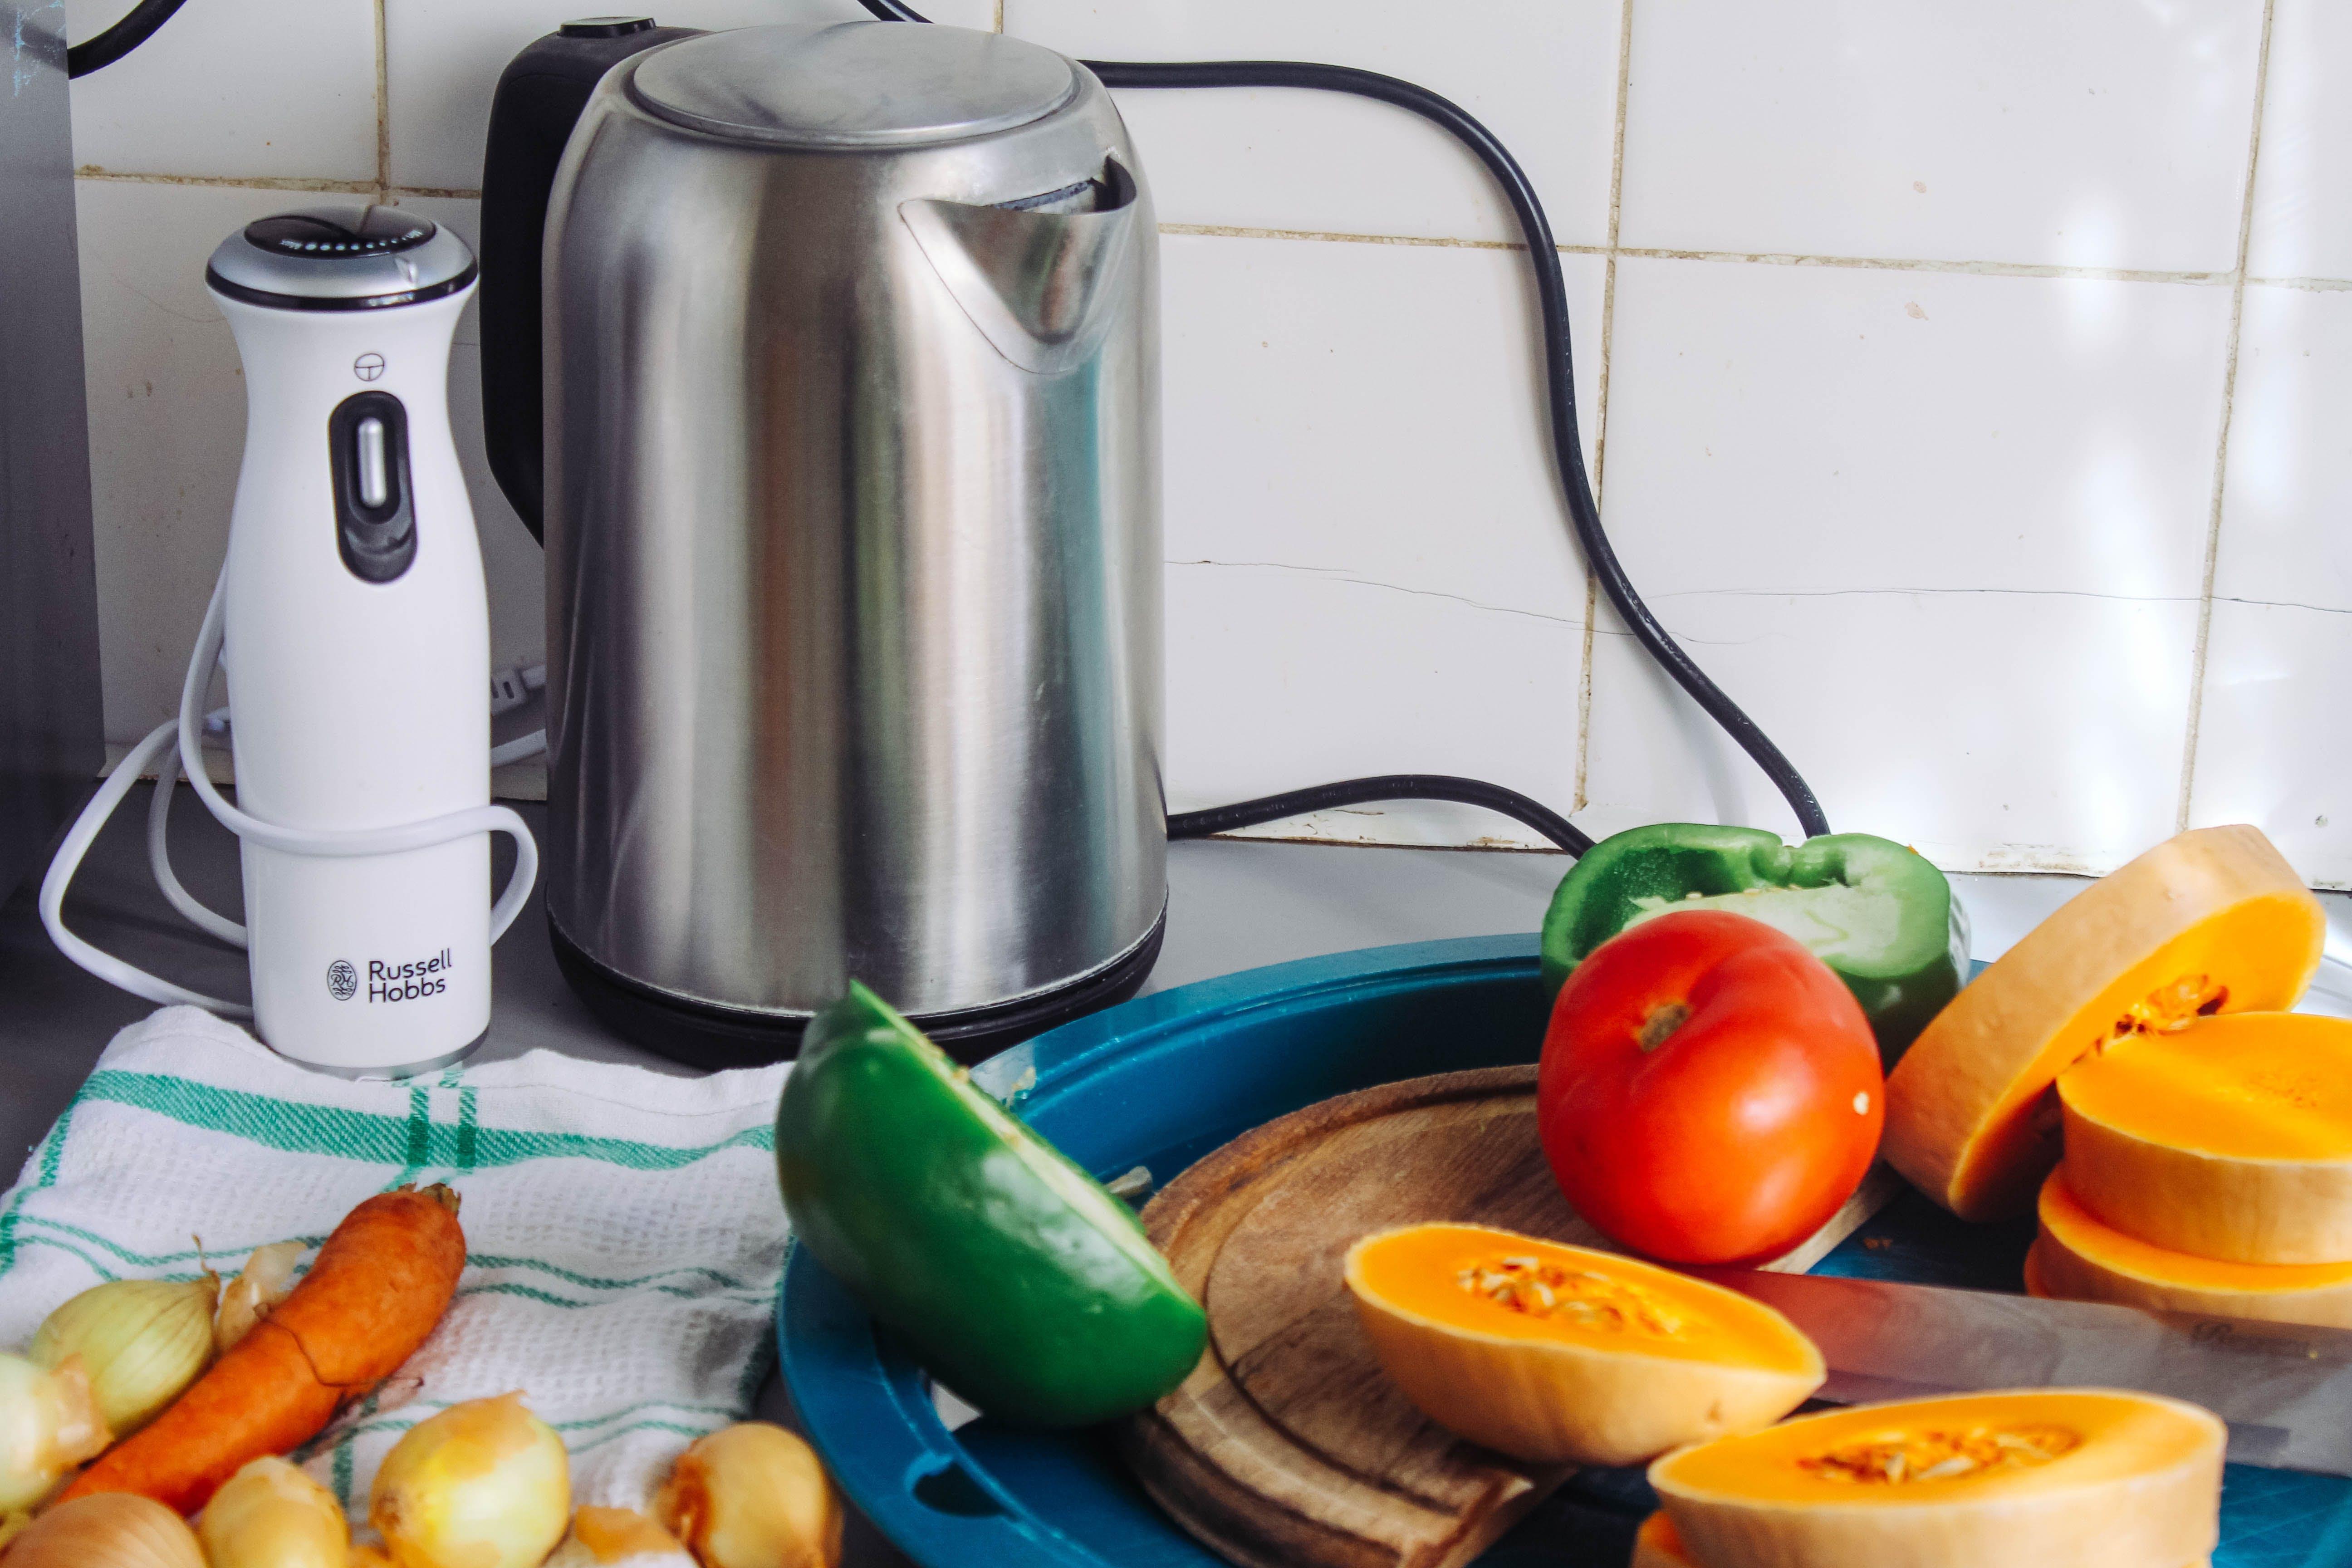 Fotos de stock gratuitas de adentro, almuerzo, atractivo, batería de cocina